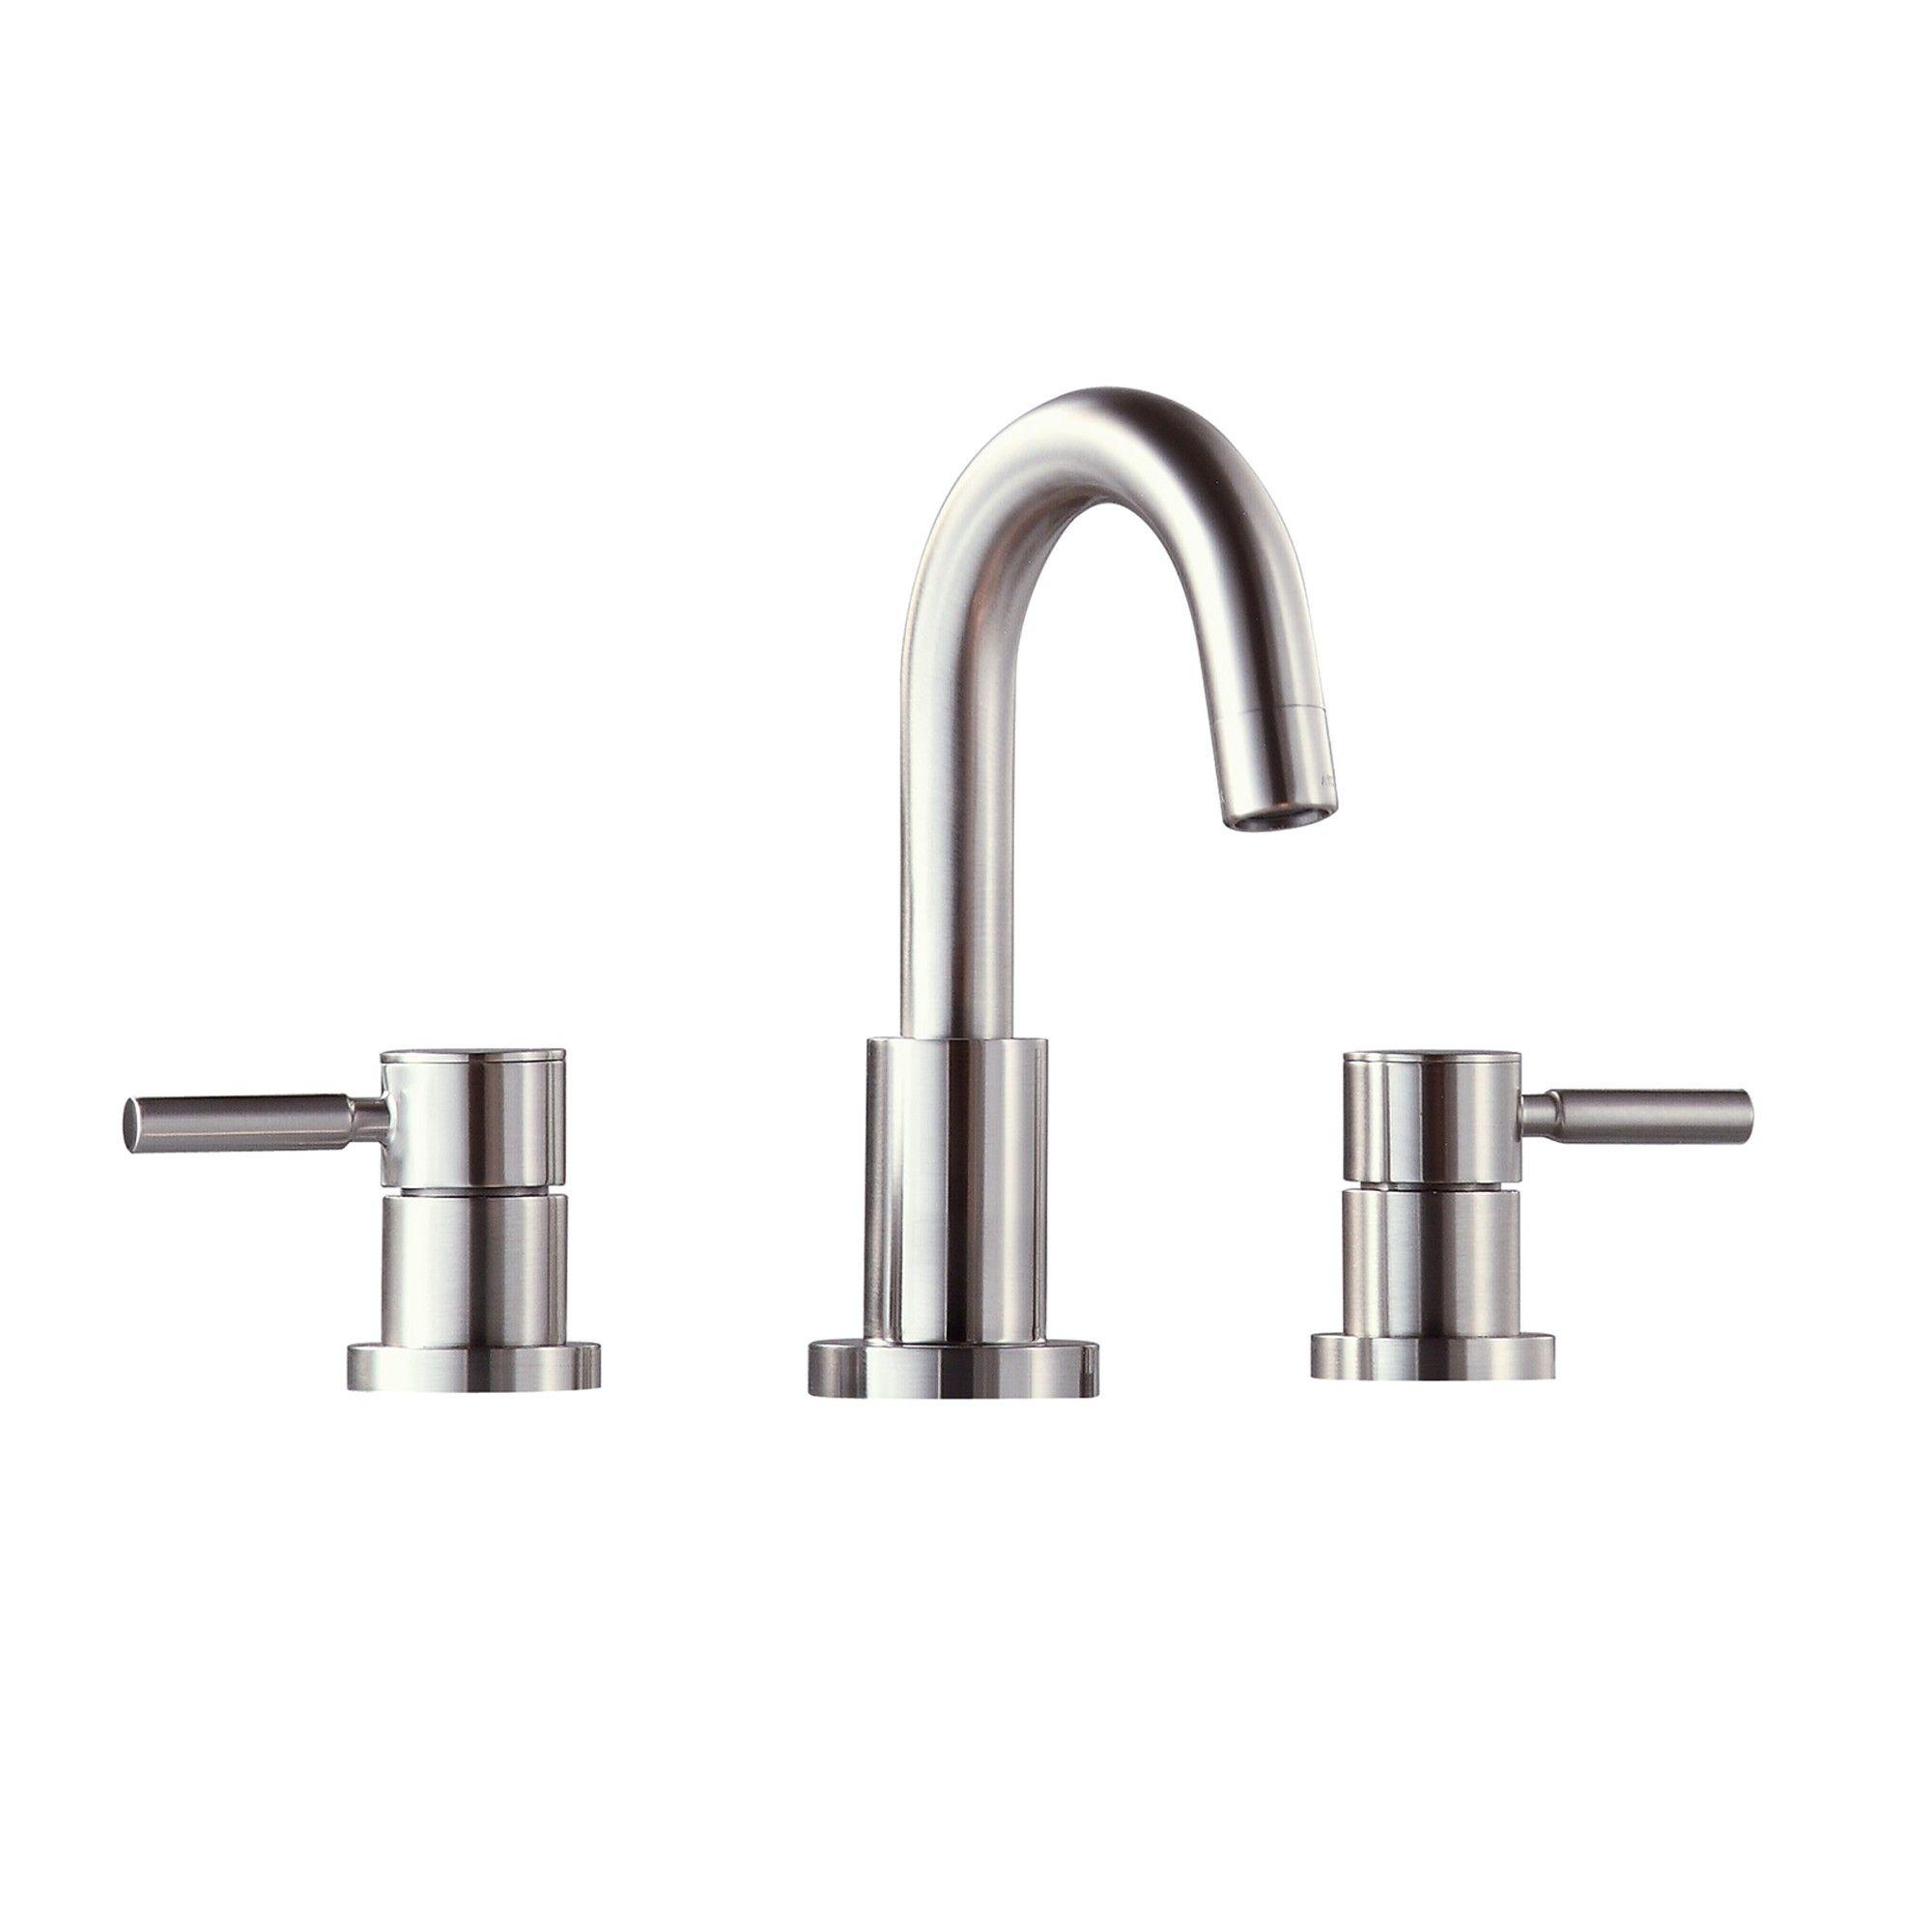 Avanity FWS1501BN Positano Widespread Two Handle Bath Faucet With ...